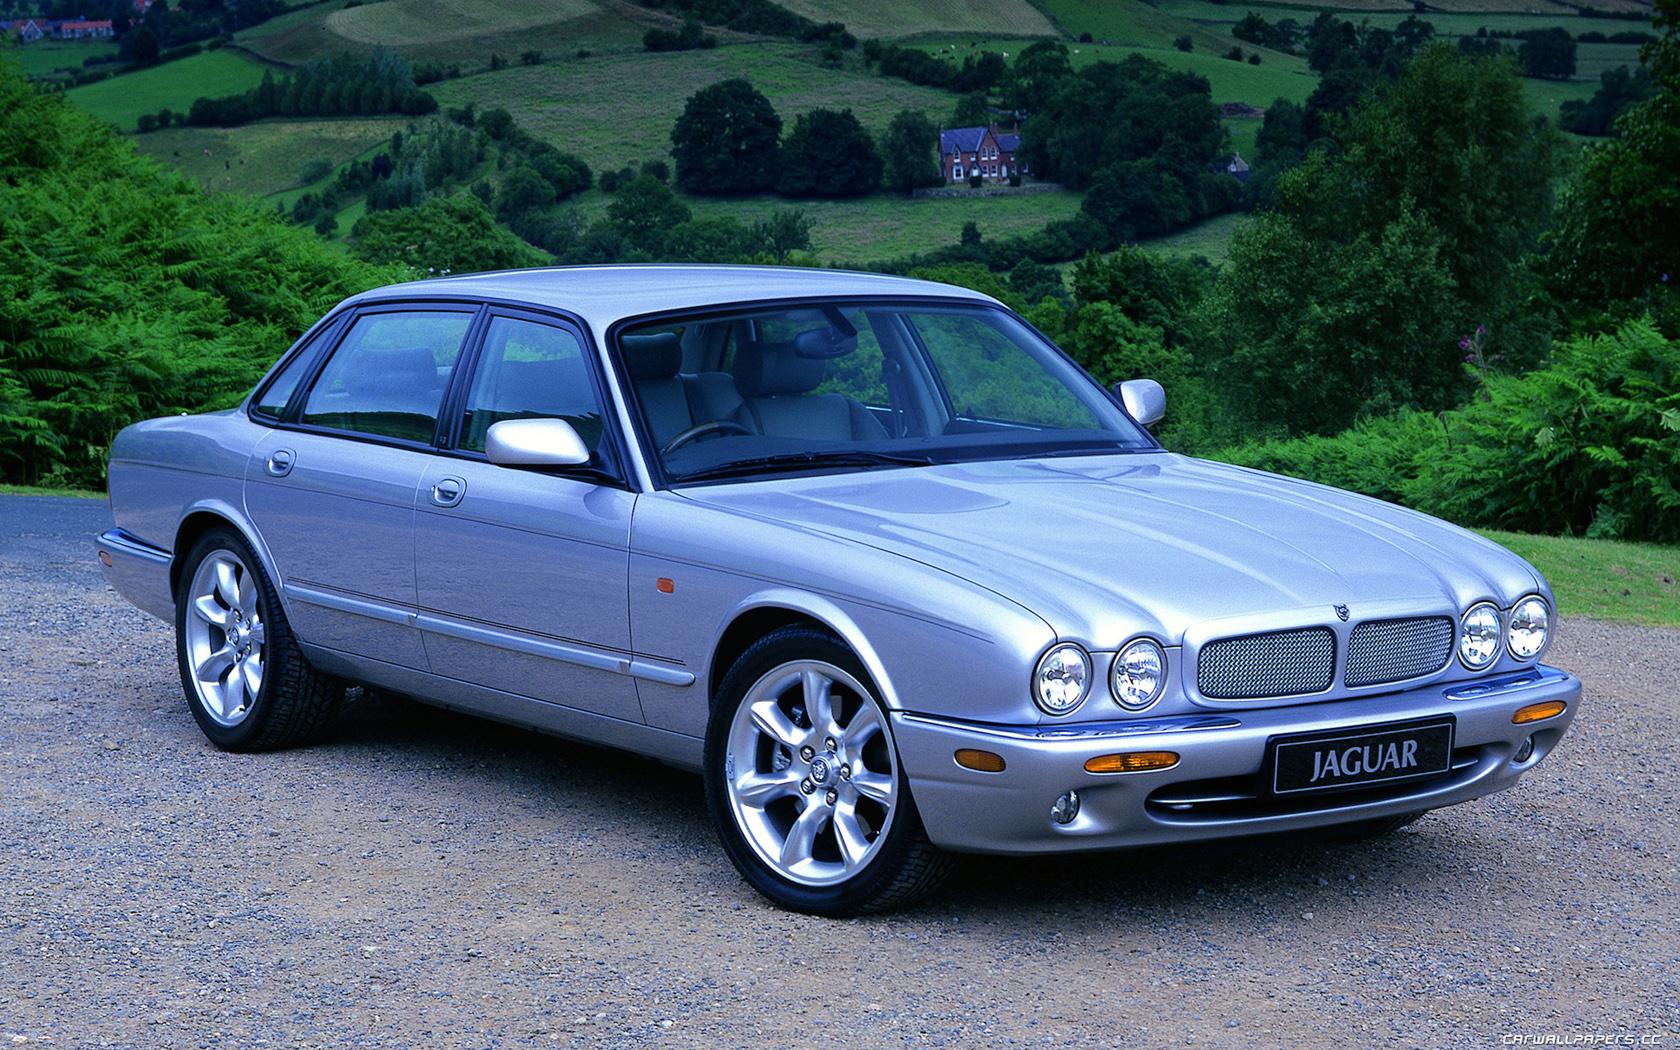 1997 Jaguar XJR #6 Jaguar XJR #6